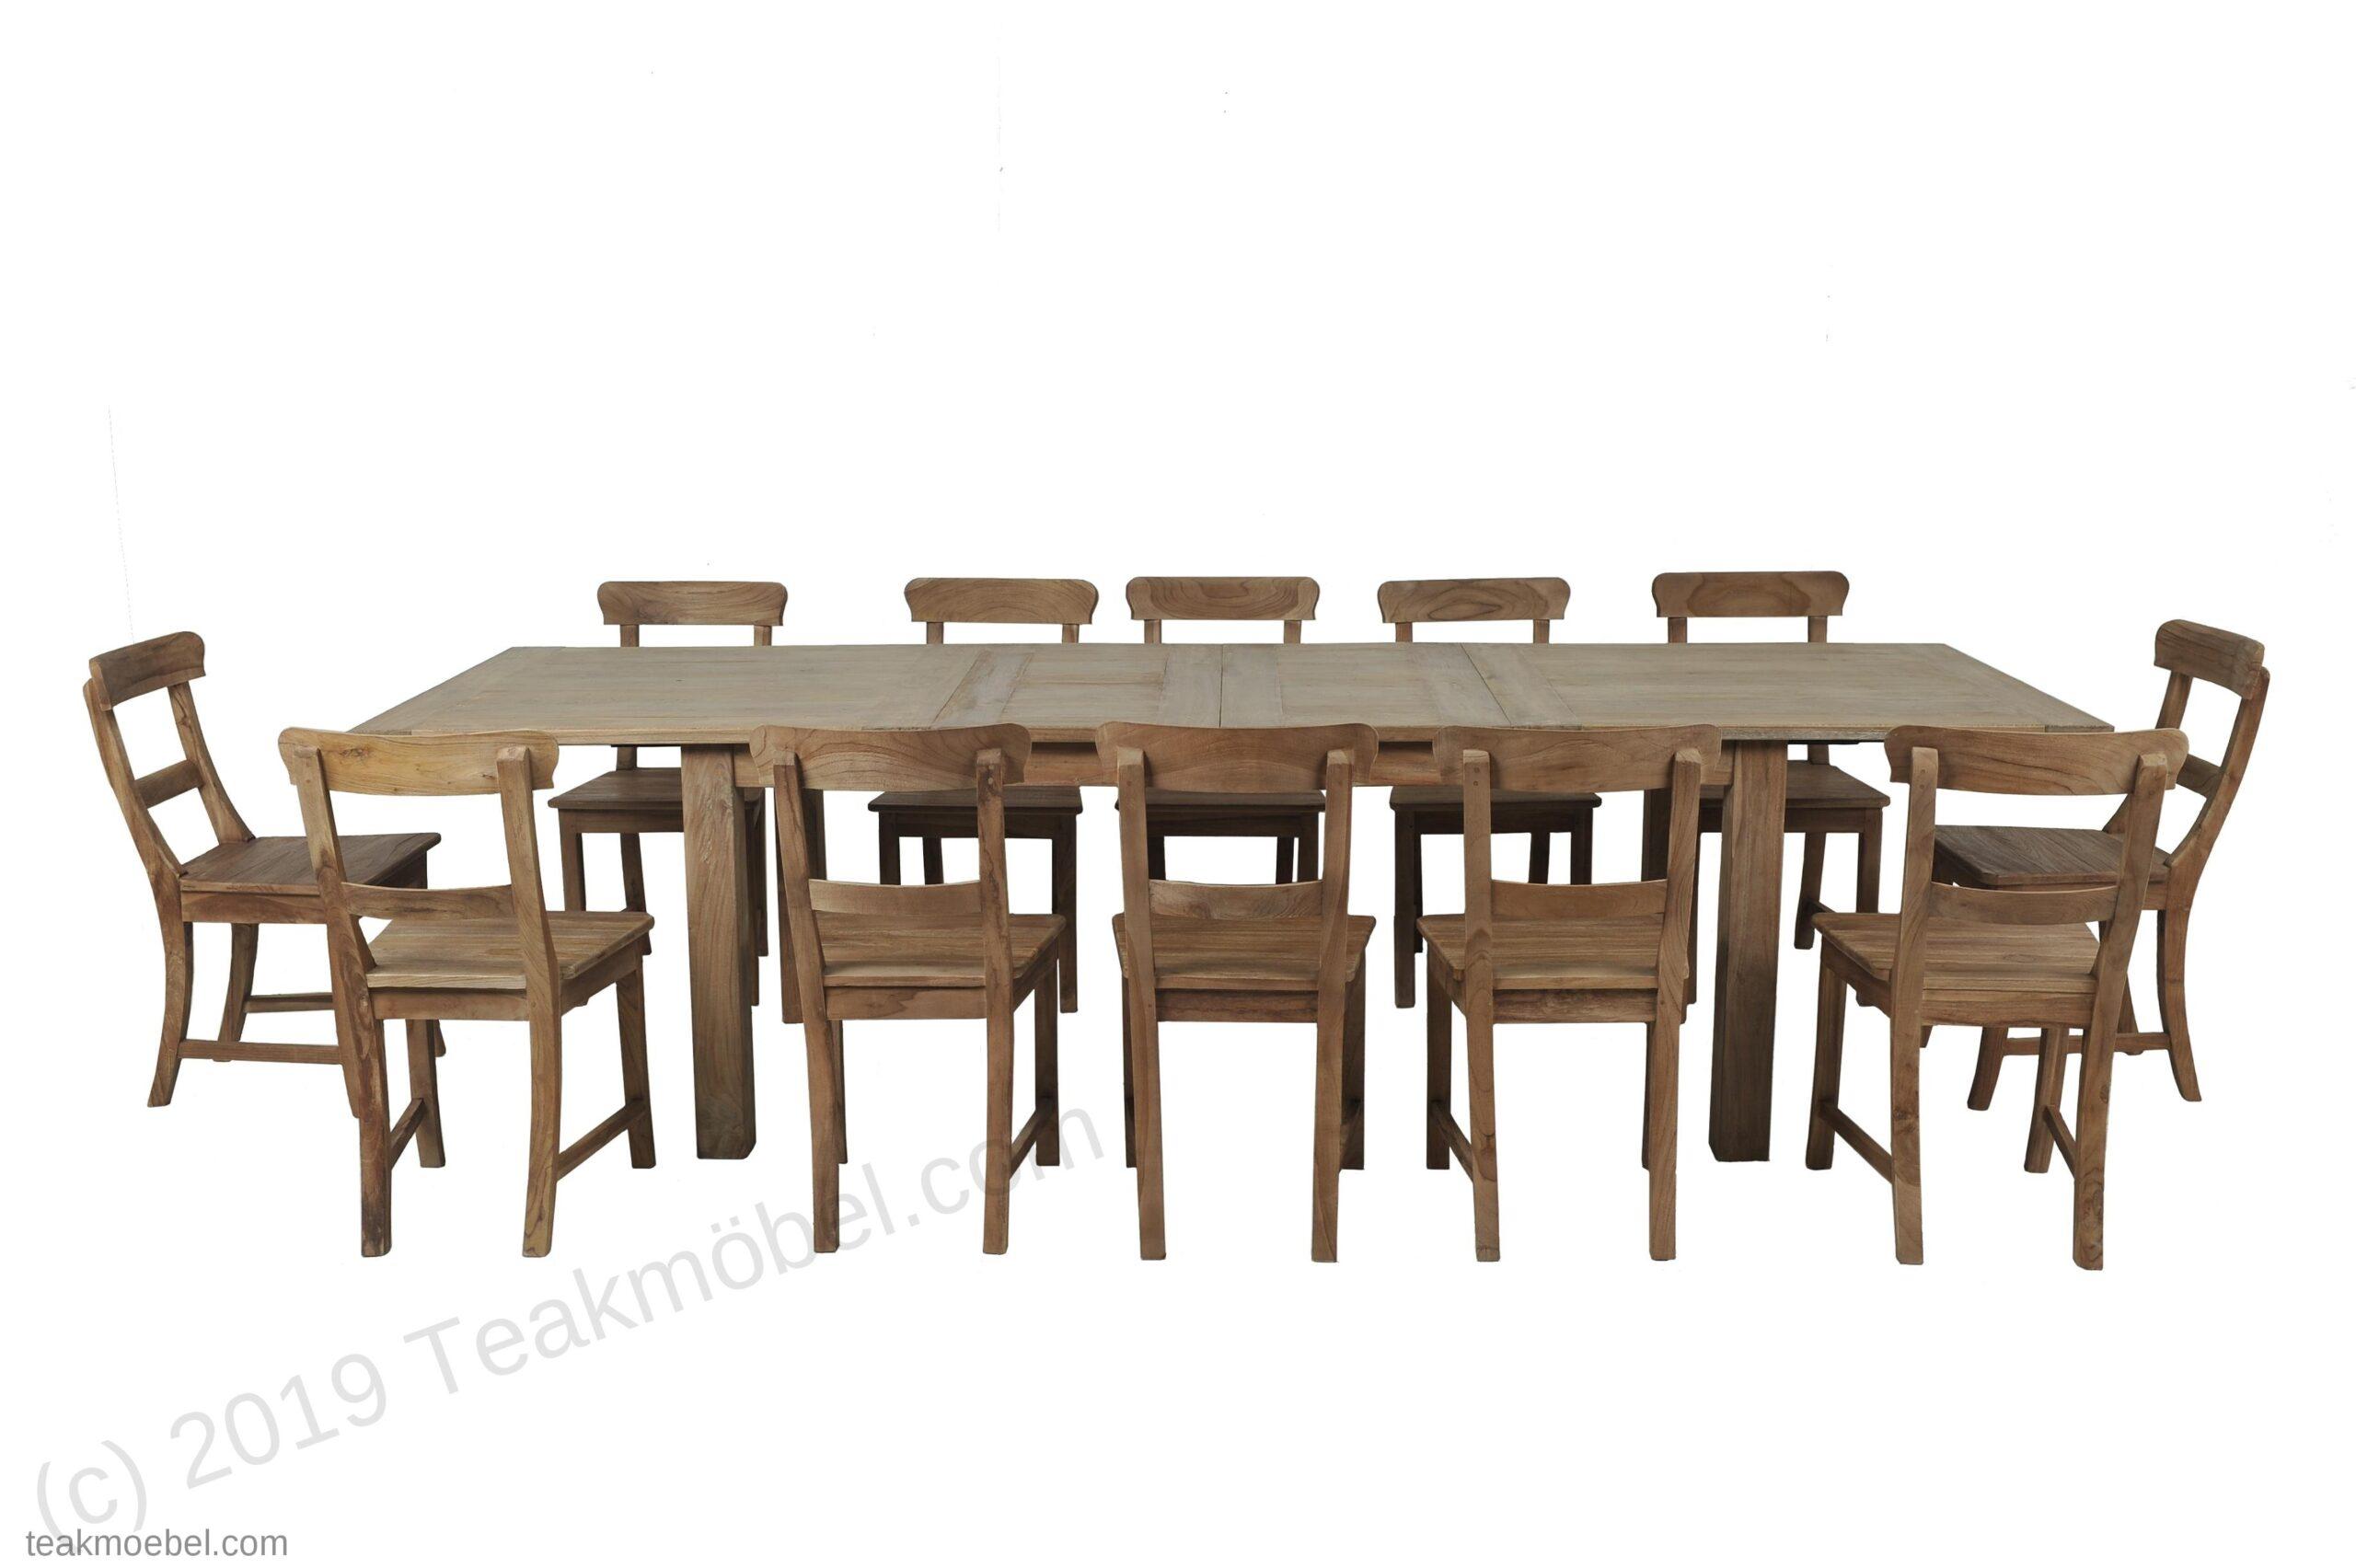 Full Size of Stühle Esstisch Weißer Rund Mit Stühlen Rustikal Groß Holz Holzplatte 160 Ausziehbar Massiv Landhaus Esstische Stühle Esstisch